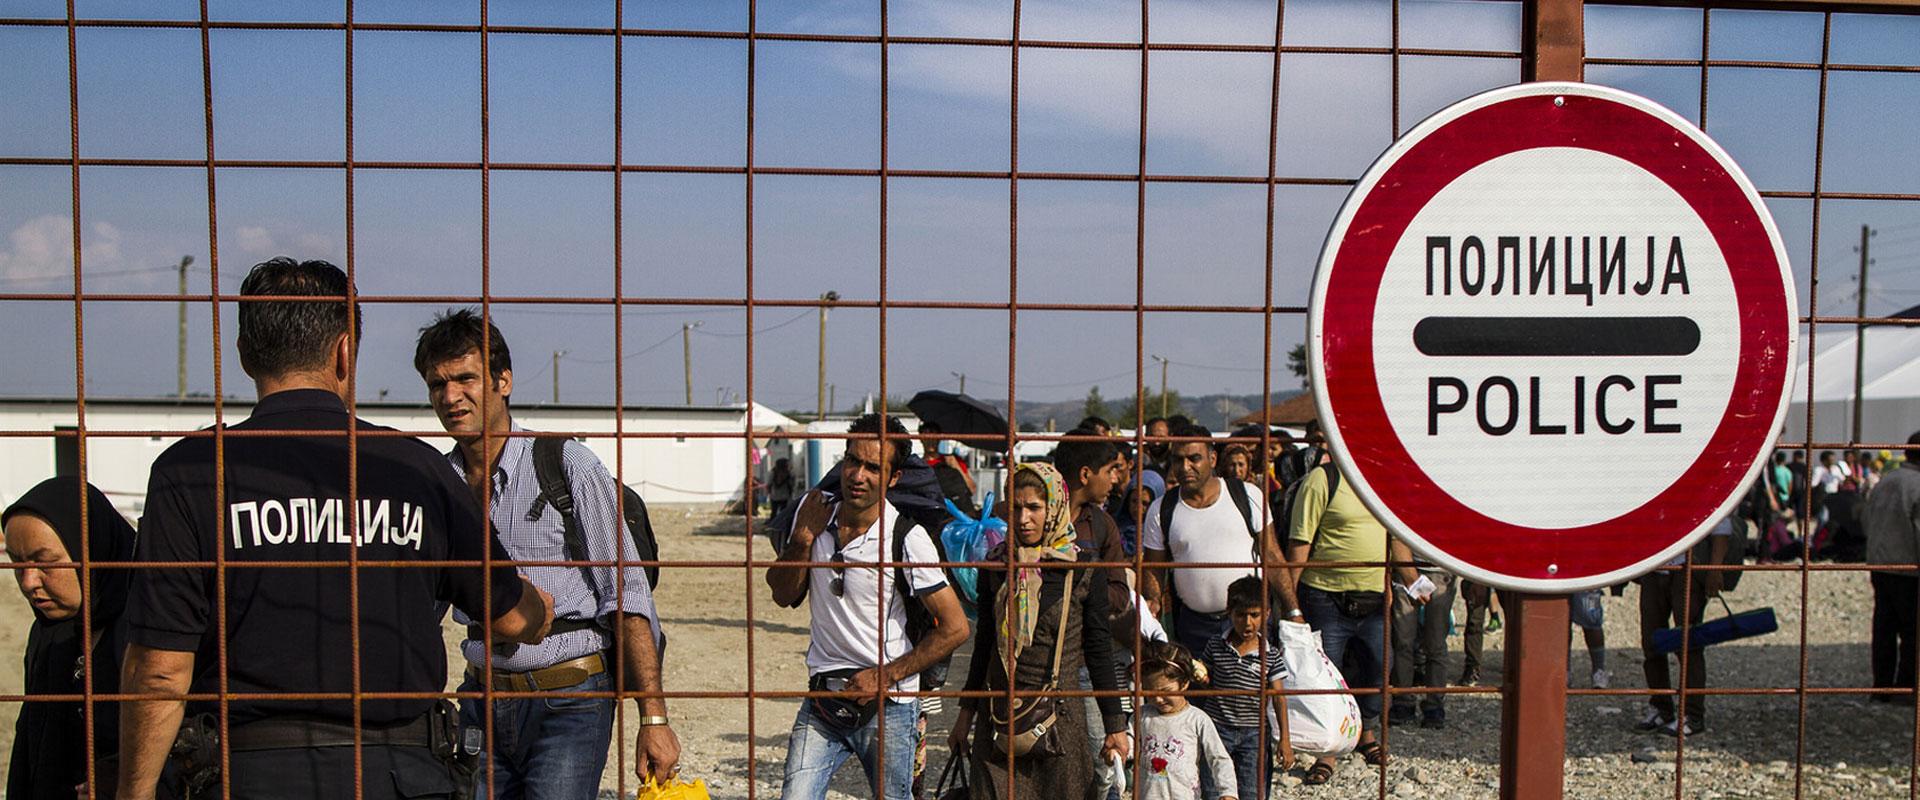 fronteres-invisibles-campanya-caritas-barcelona